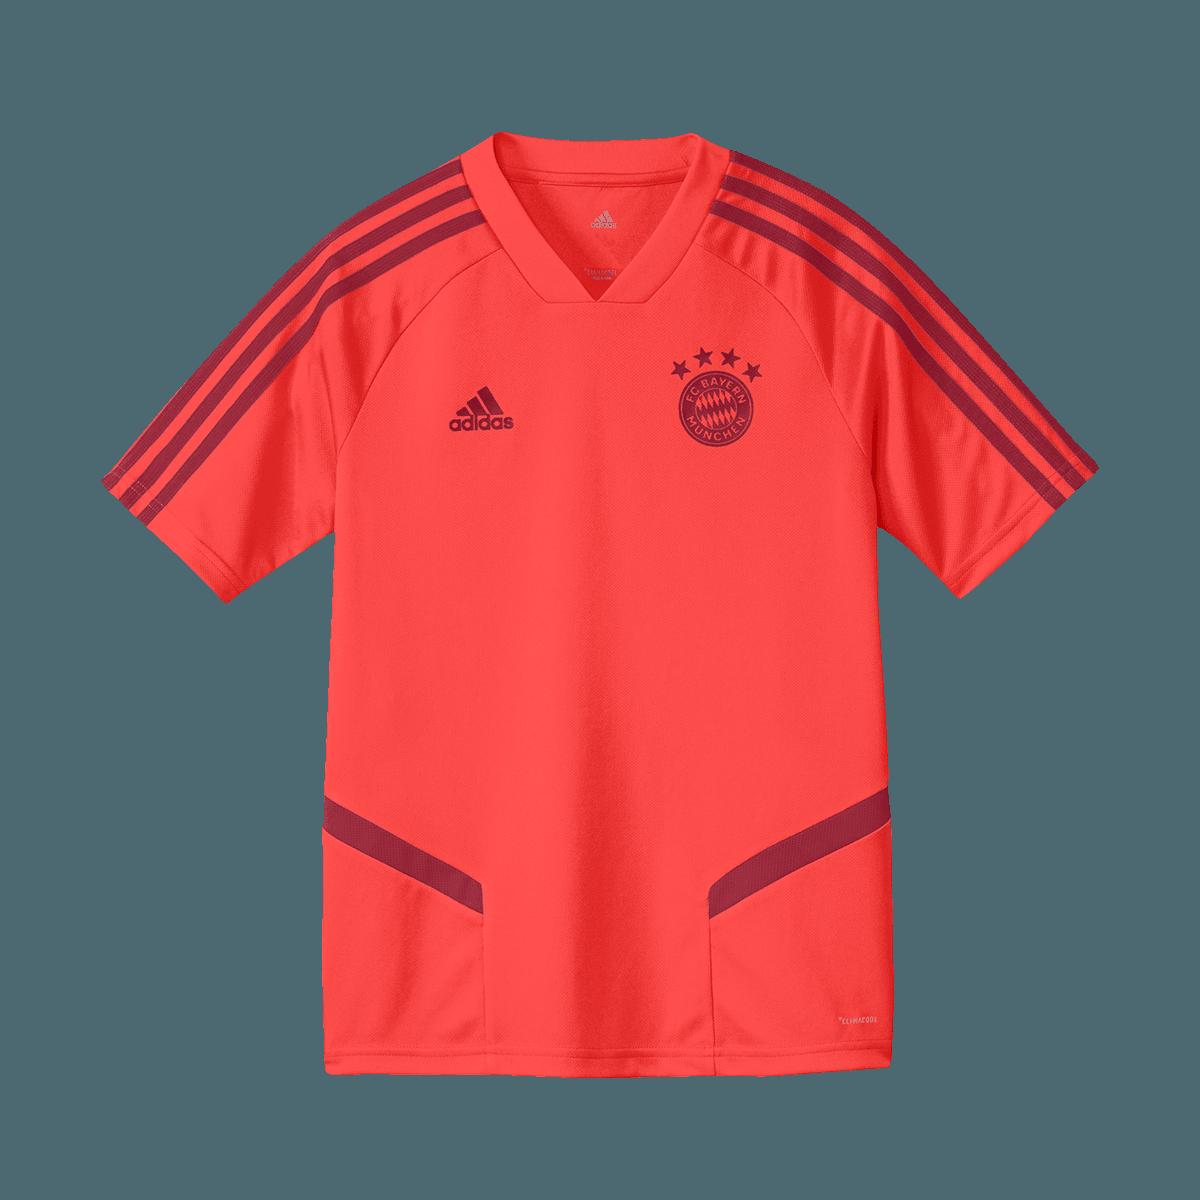 new arrive sale online good texture adidas FC Bayern München Kinder Trainingsshirt rot/dunkelrot - Fussball Shop